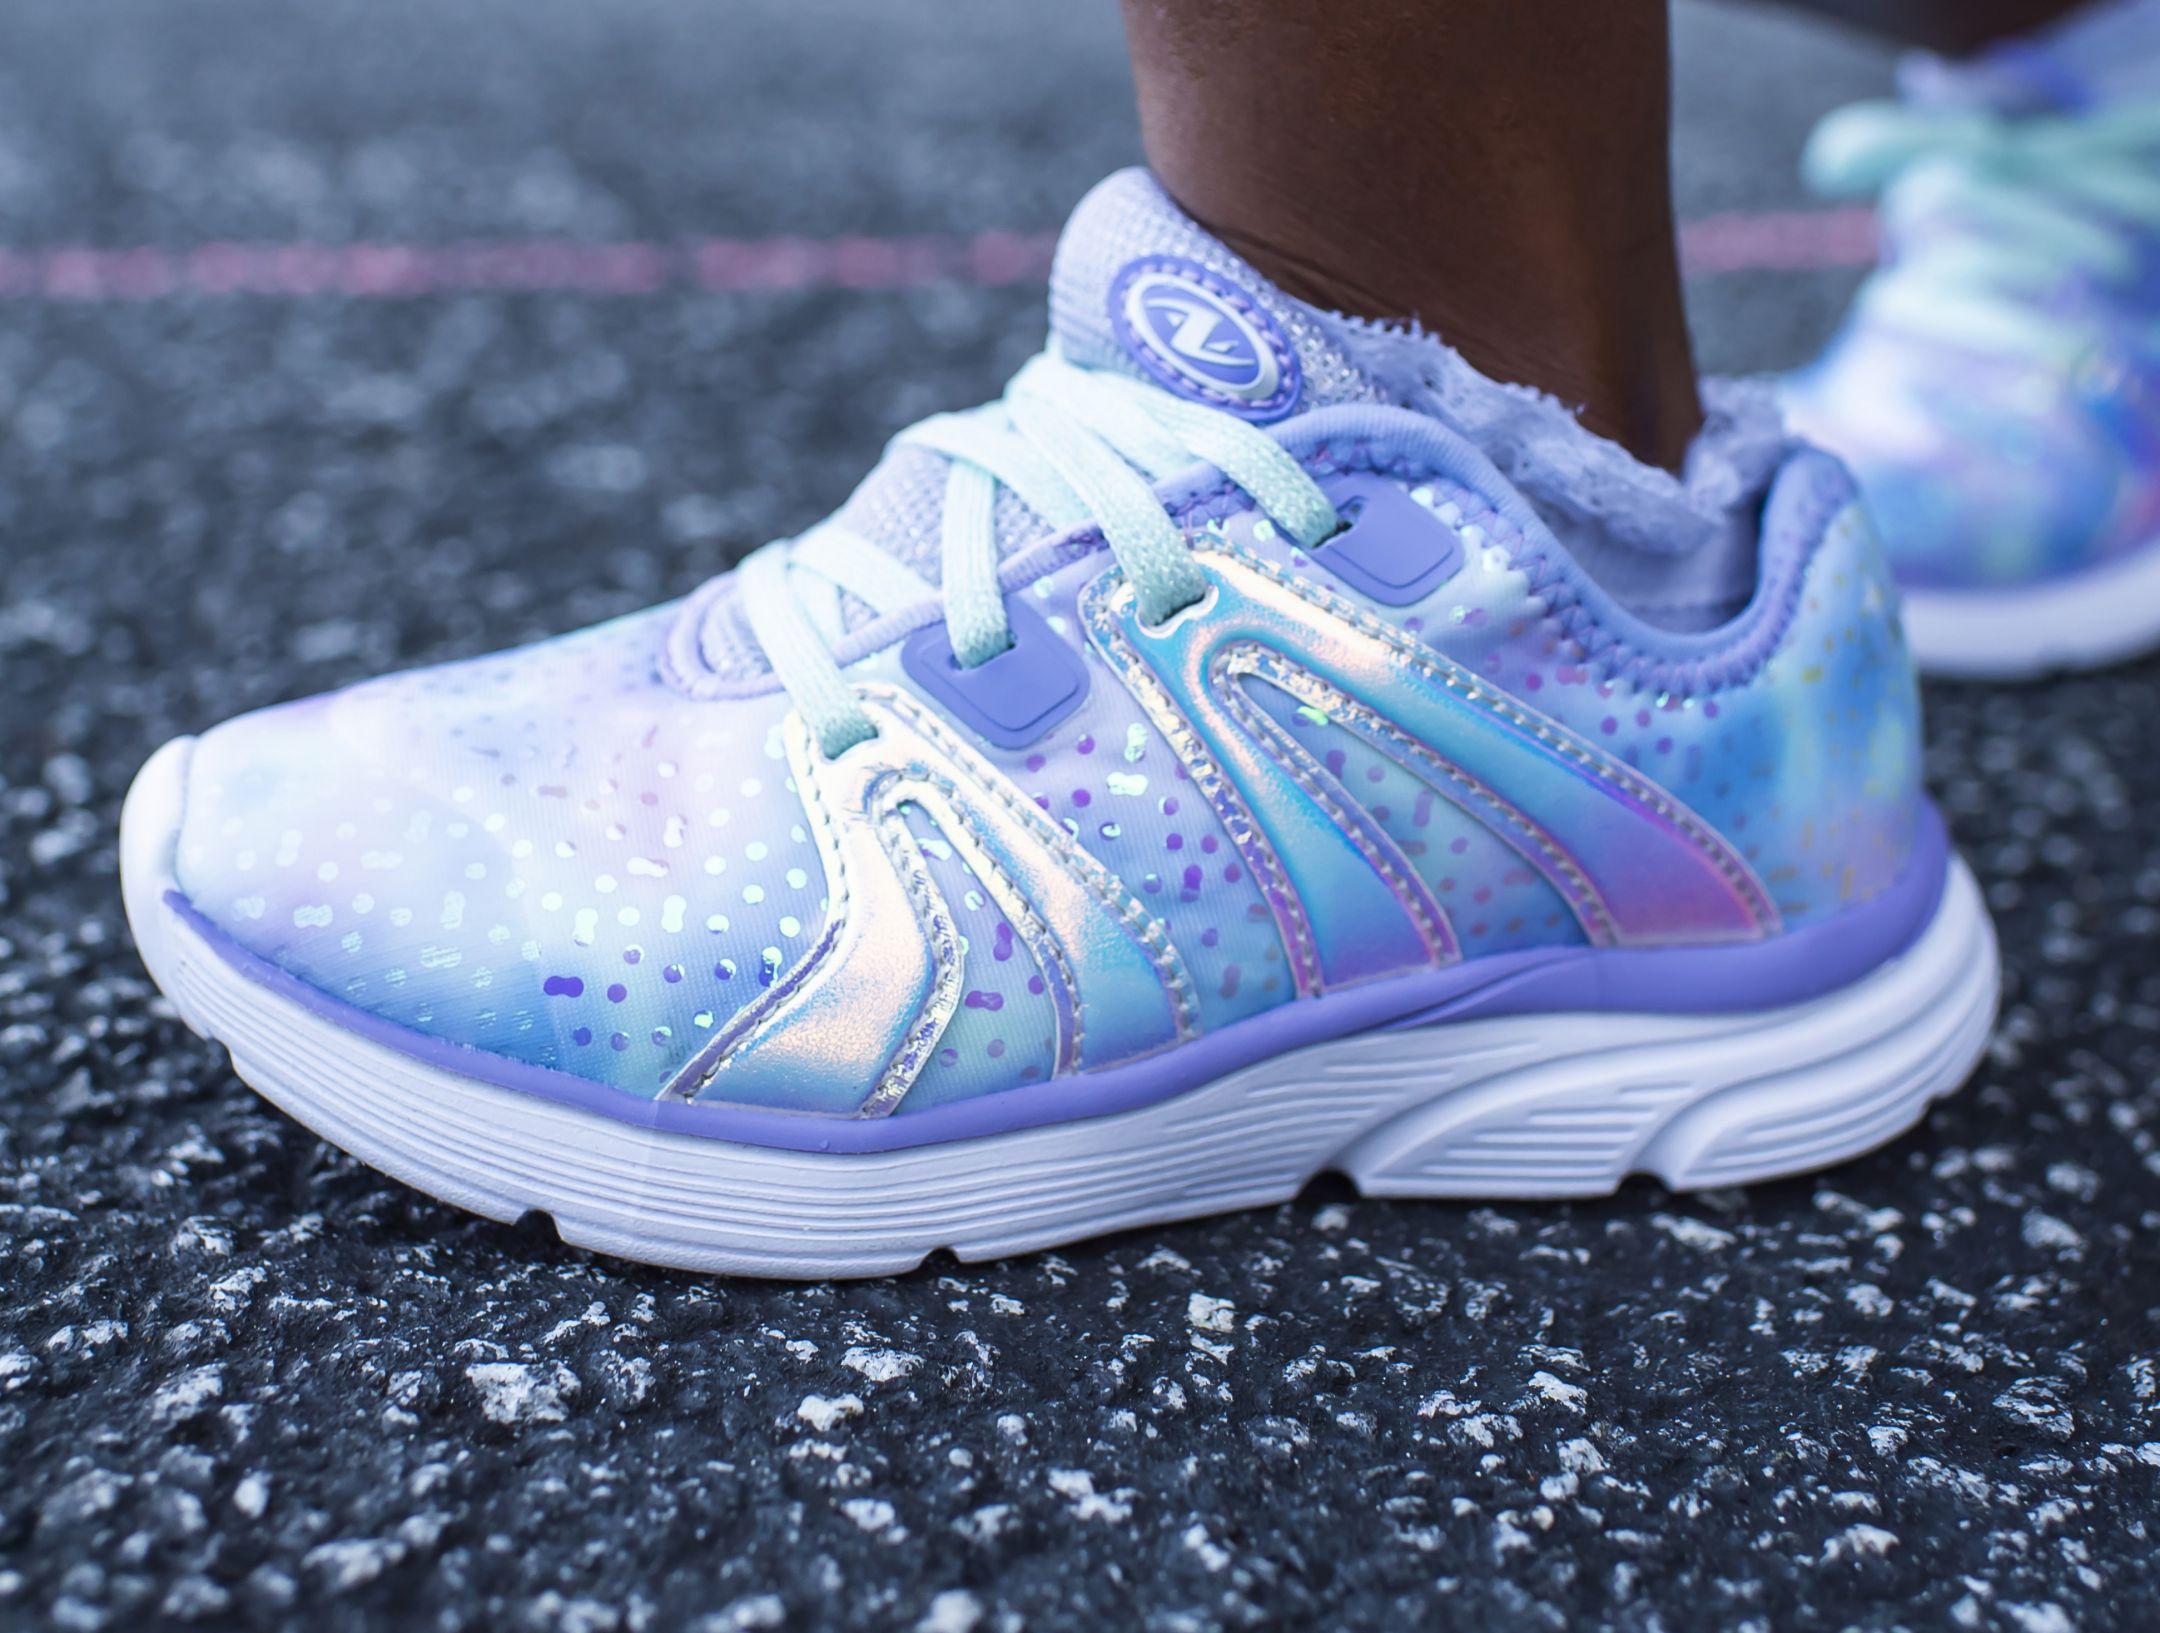 Athletic Works sneakers